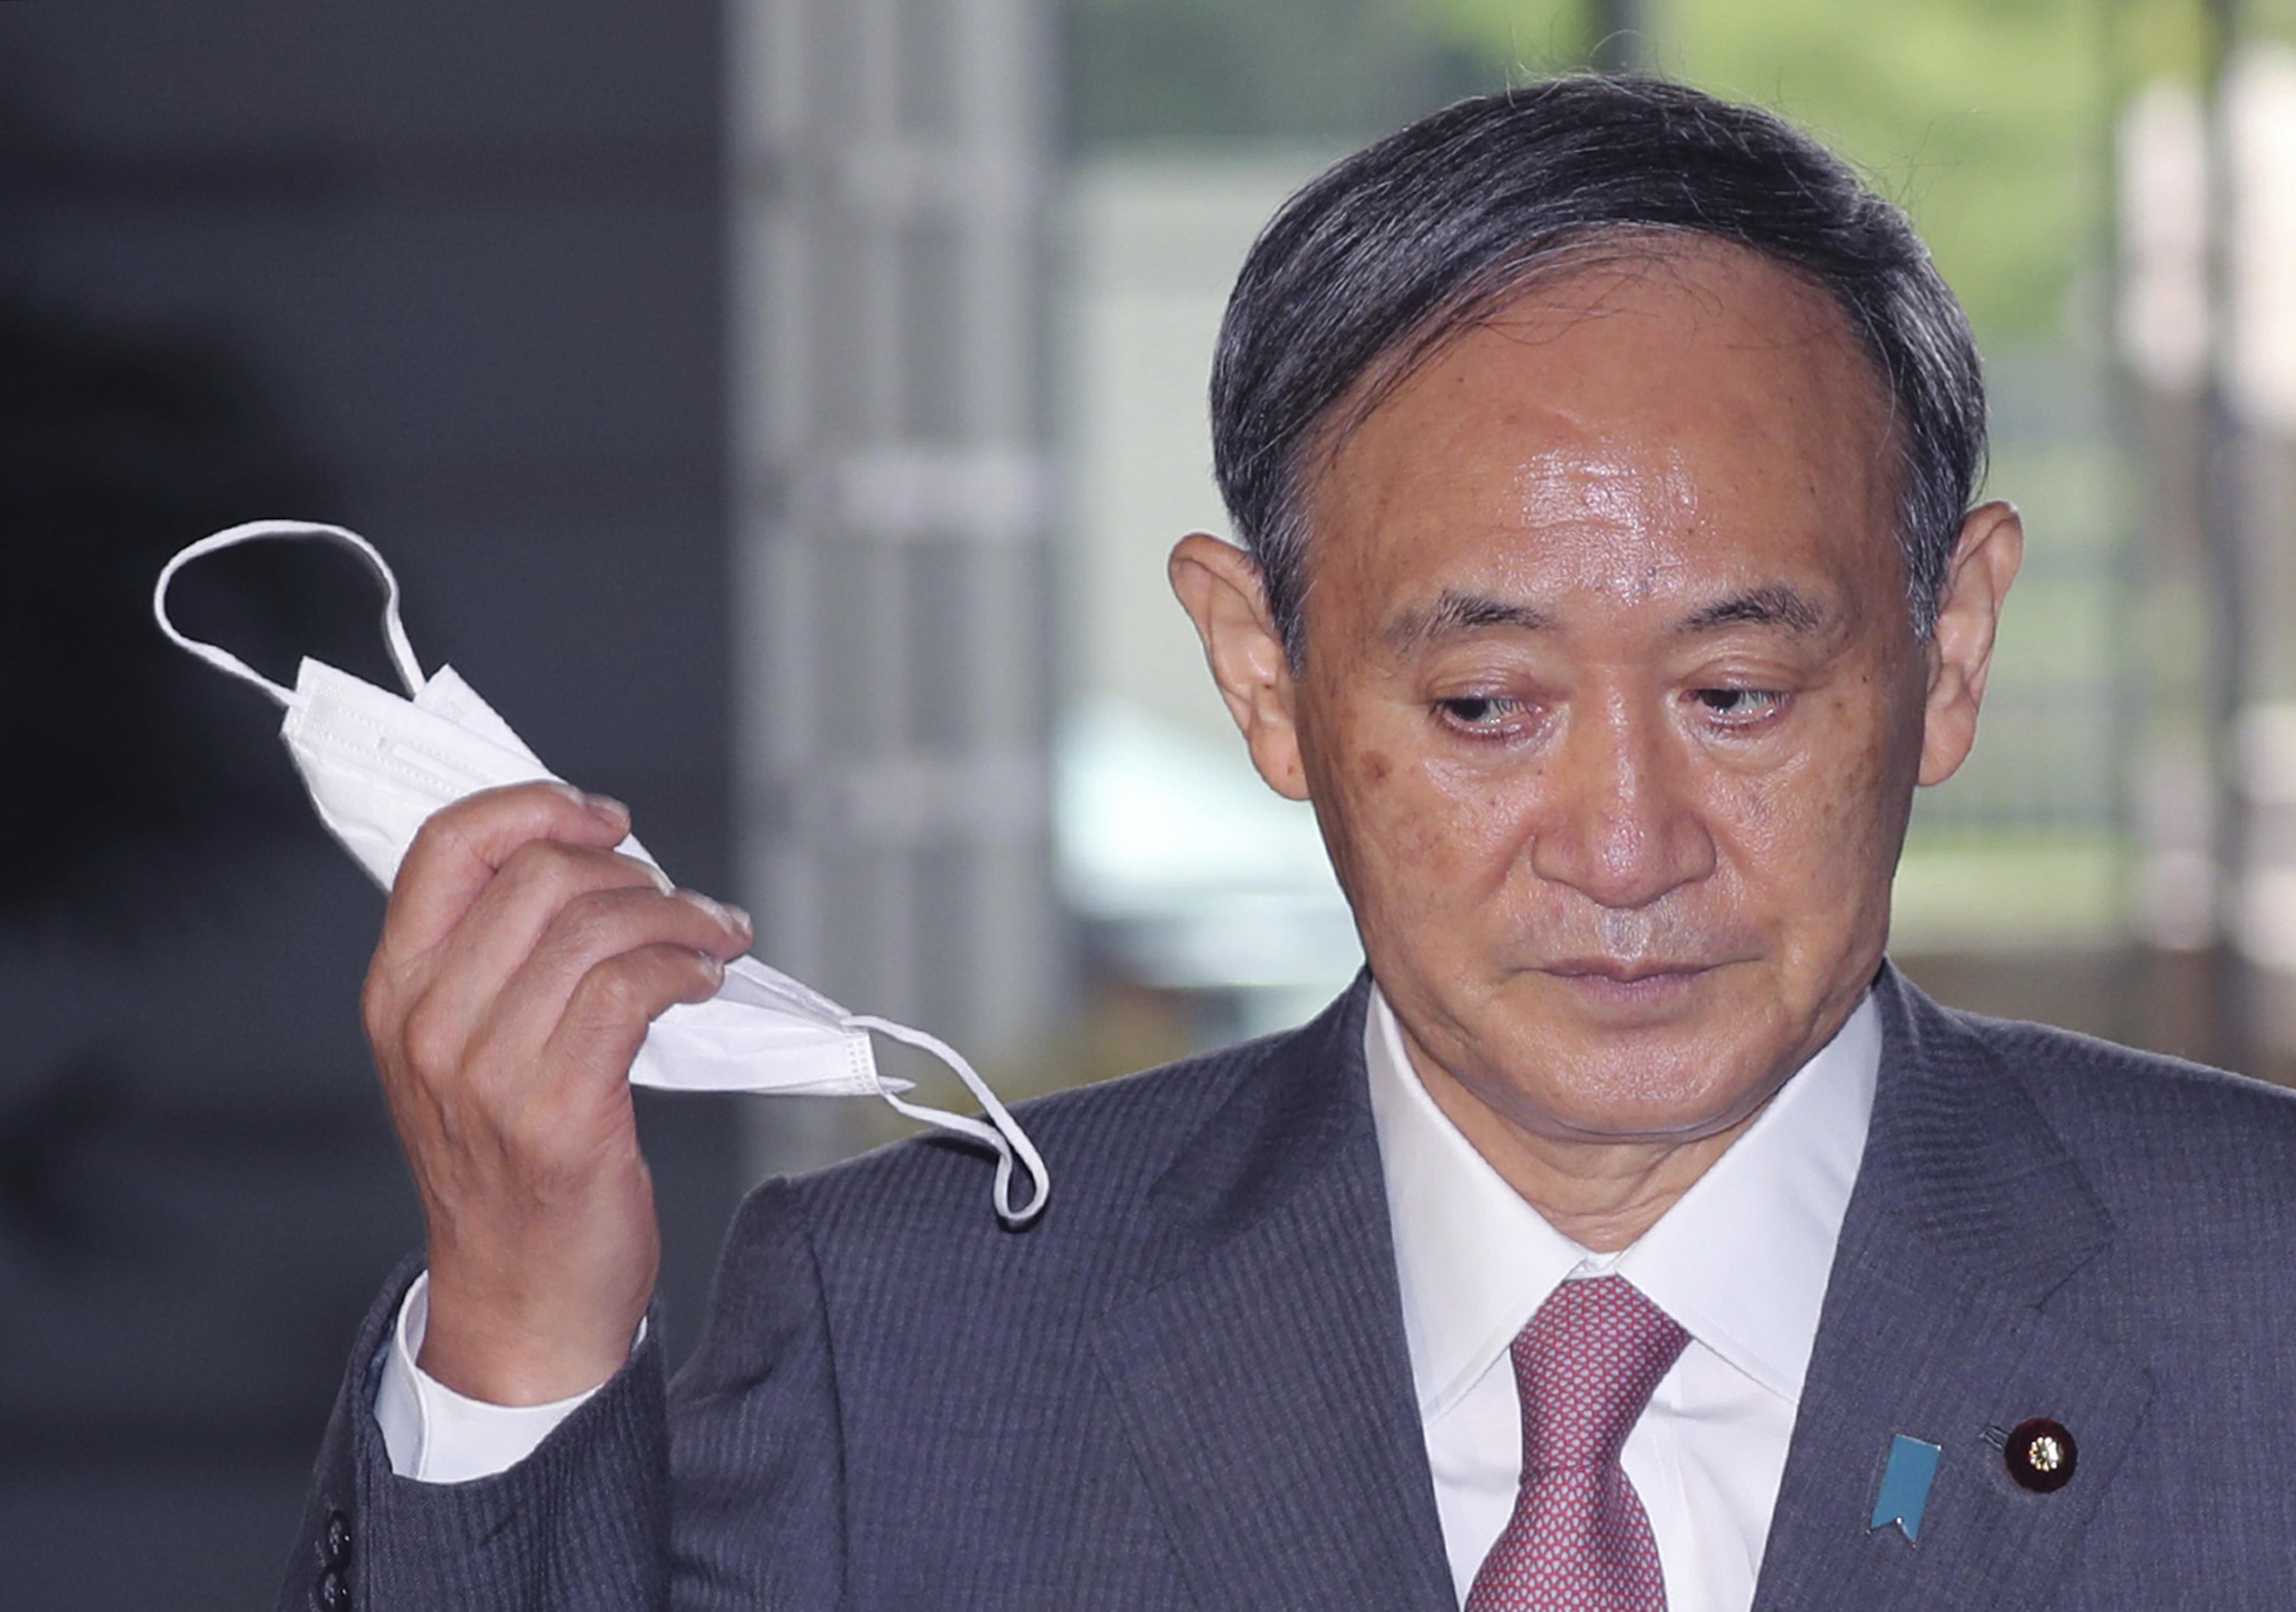 ▲▼菅義偉成為日本第99屆首相。(圖/達志影像/美聯社)